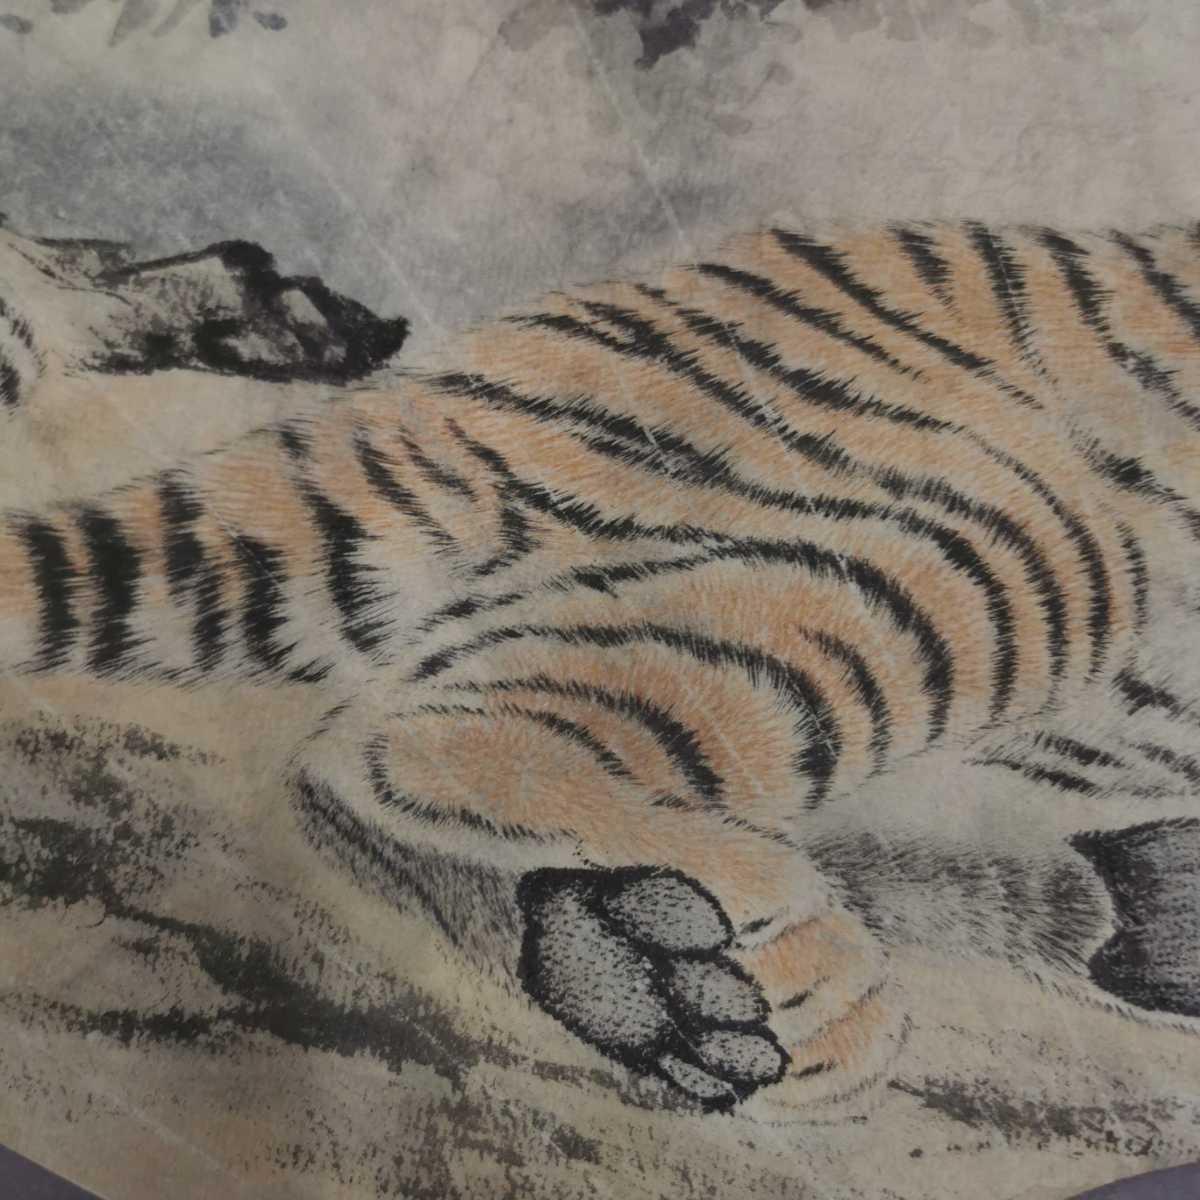 中国美術 扇面 掛軸 虎図 紙本 肉筆保証 掛け軸 時代物 在銘 中国古美術 唐物000307_画像4